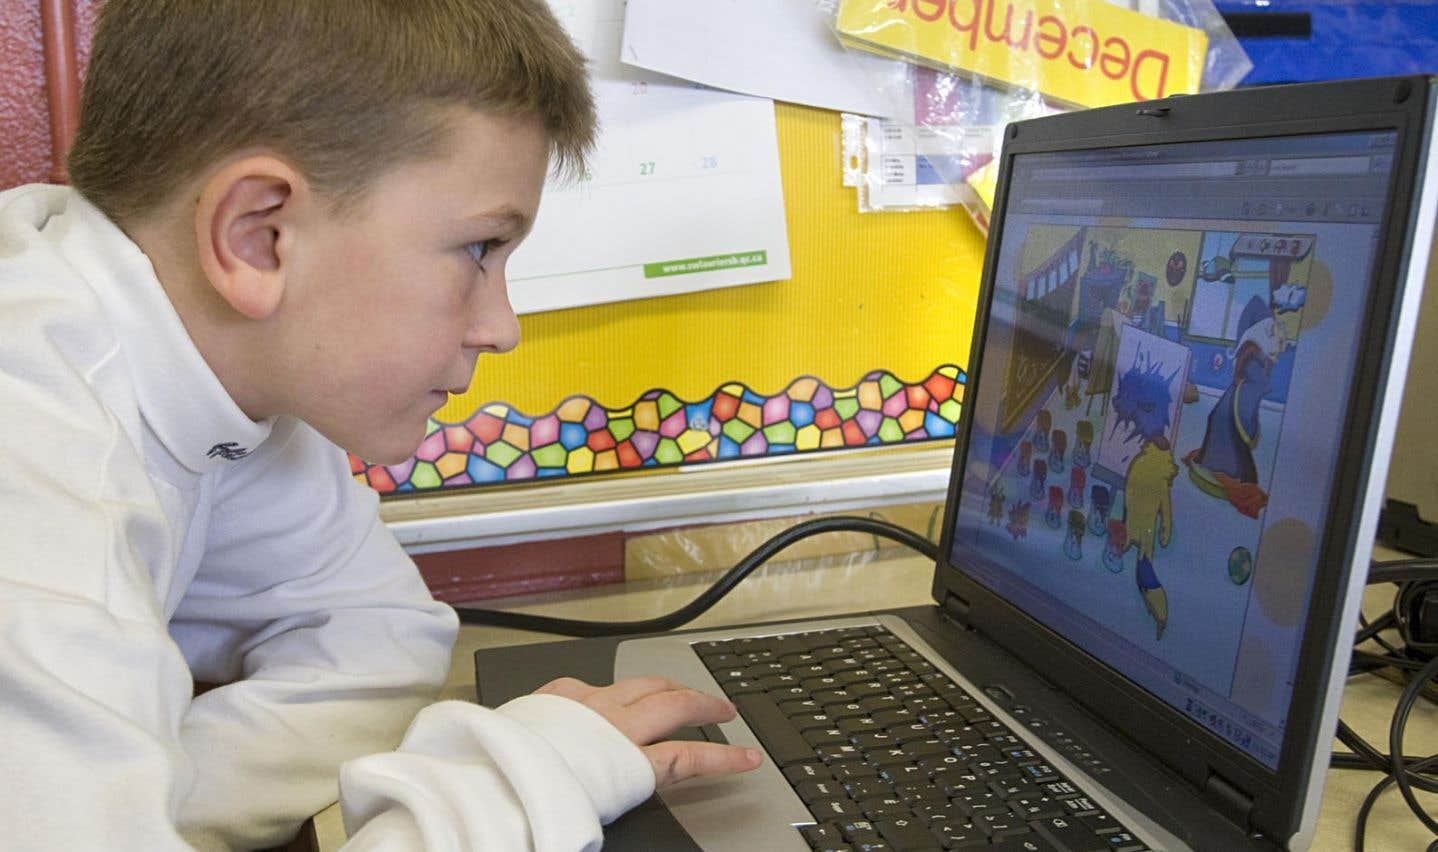 L'omniprésence des écrans dans la vie des enfants est un des enjeux avec lesquels les pédagogues doivent composer.